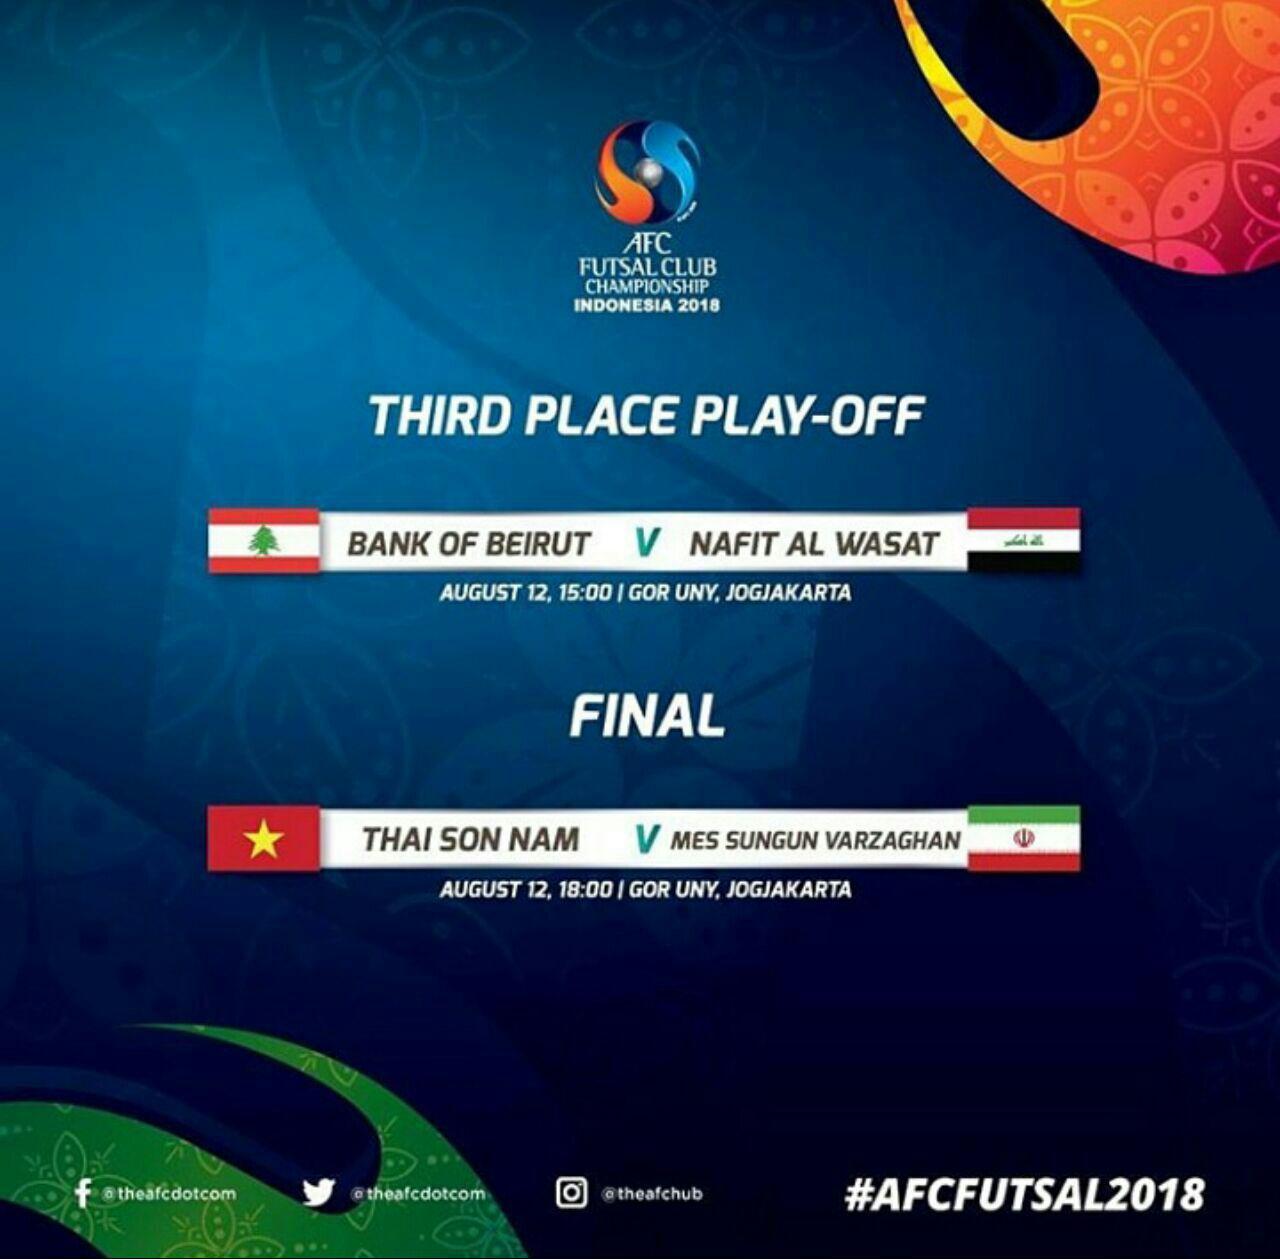 تای سون نام آخرین حریف مس تا طلا شدن/ مس سونگون در یک قدمی قهرمانی جام باشگاه های فوتسال آسیا